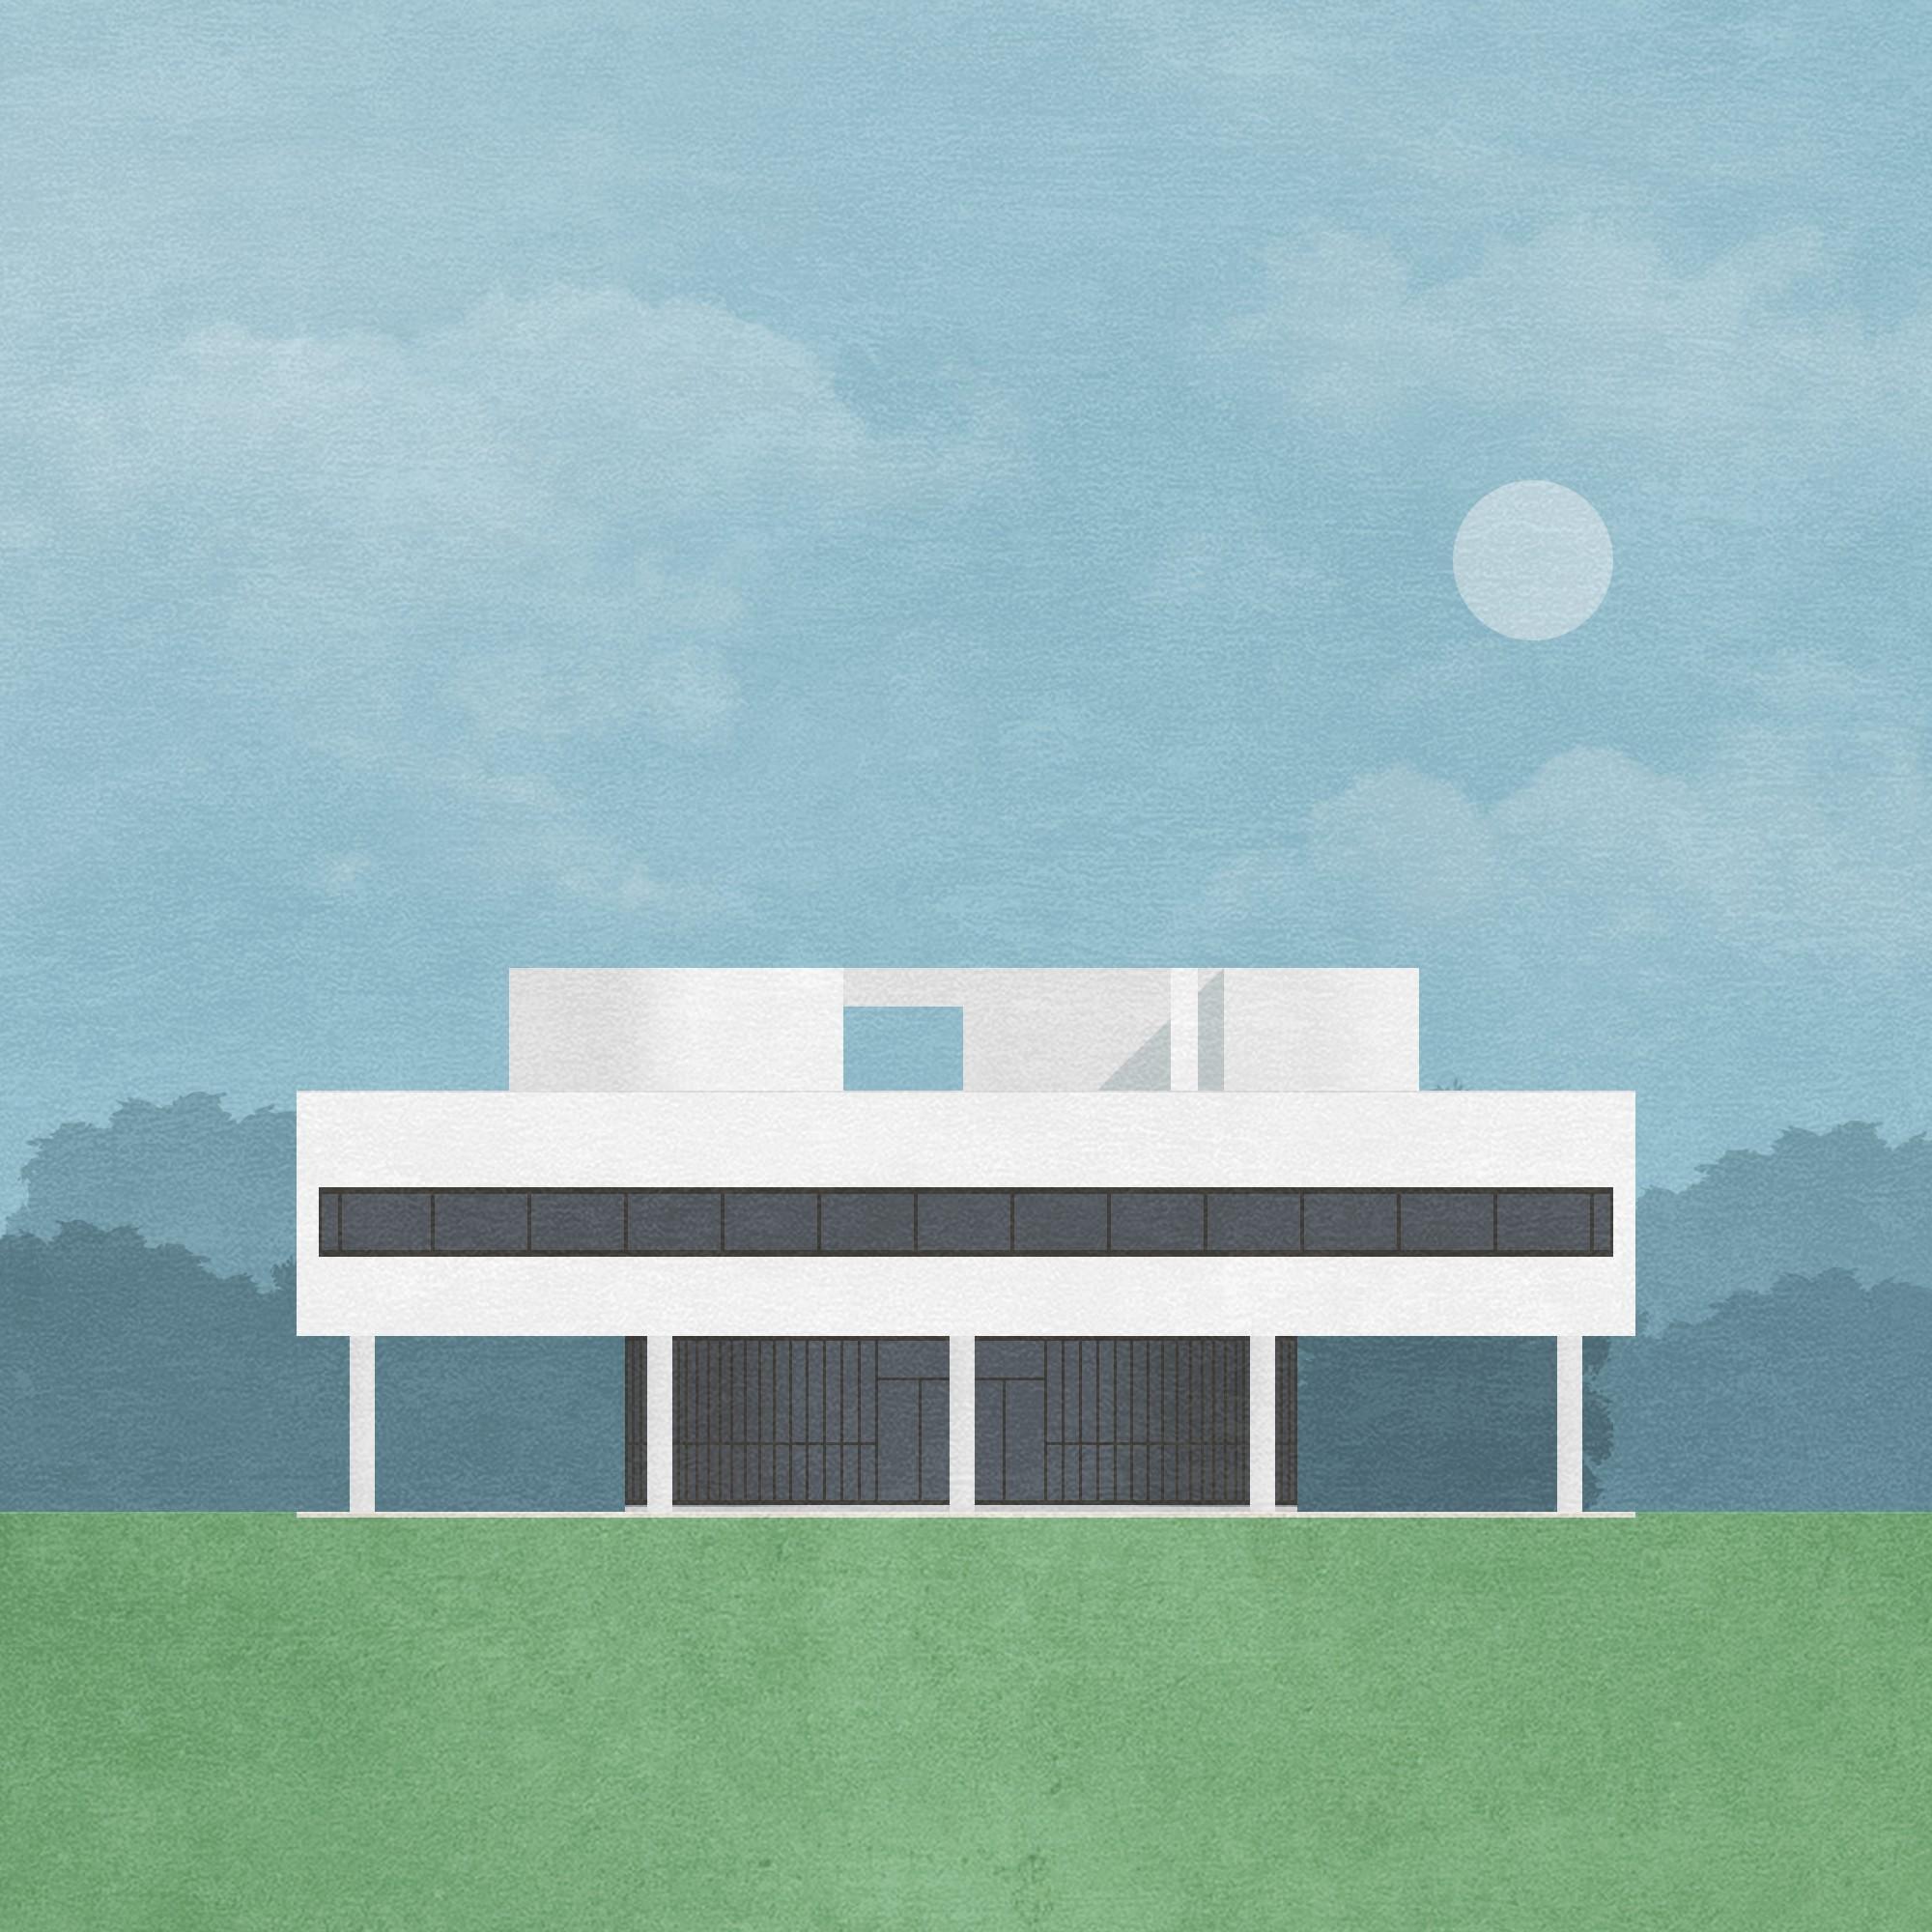 villa savoye graphic